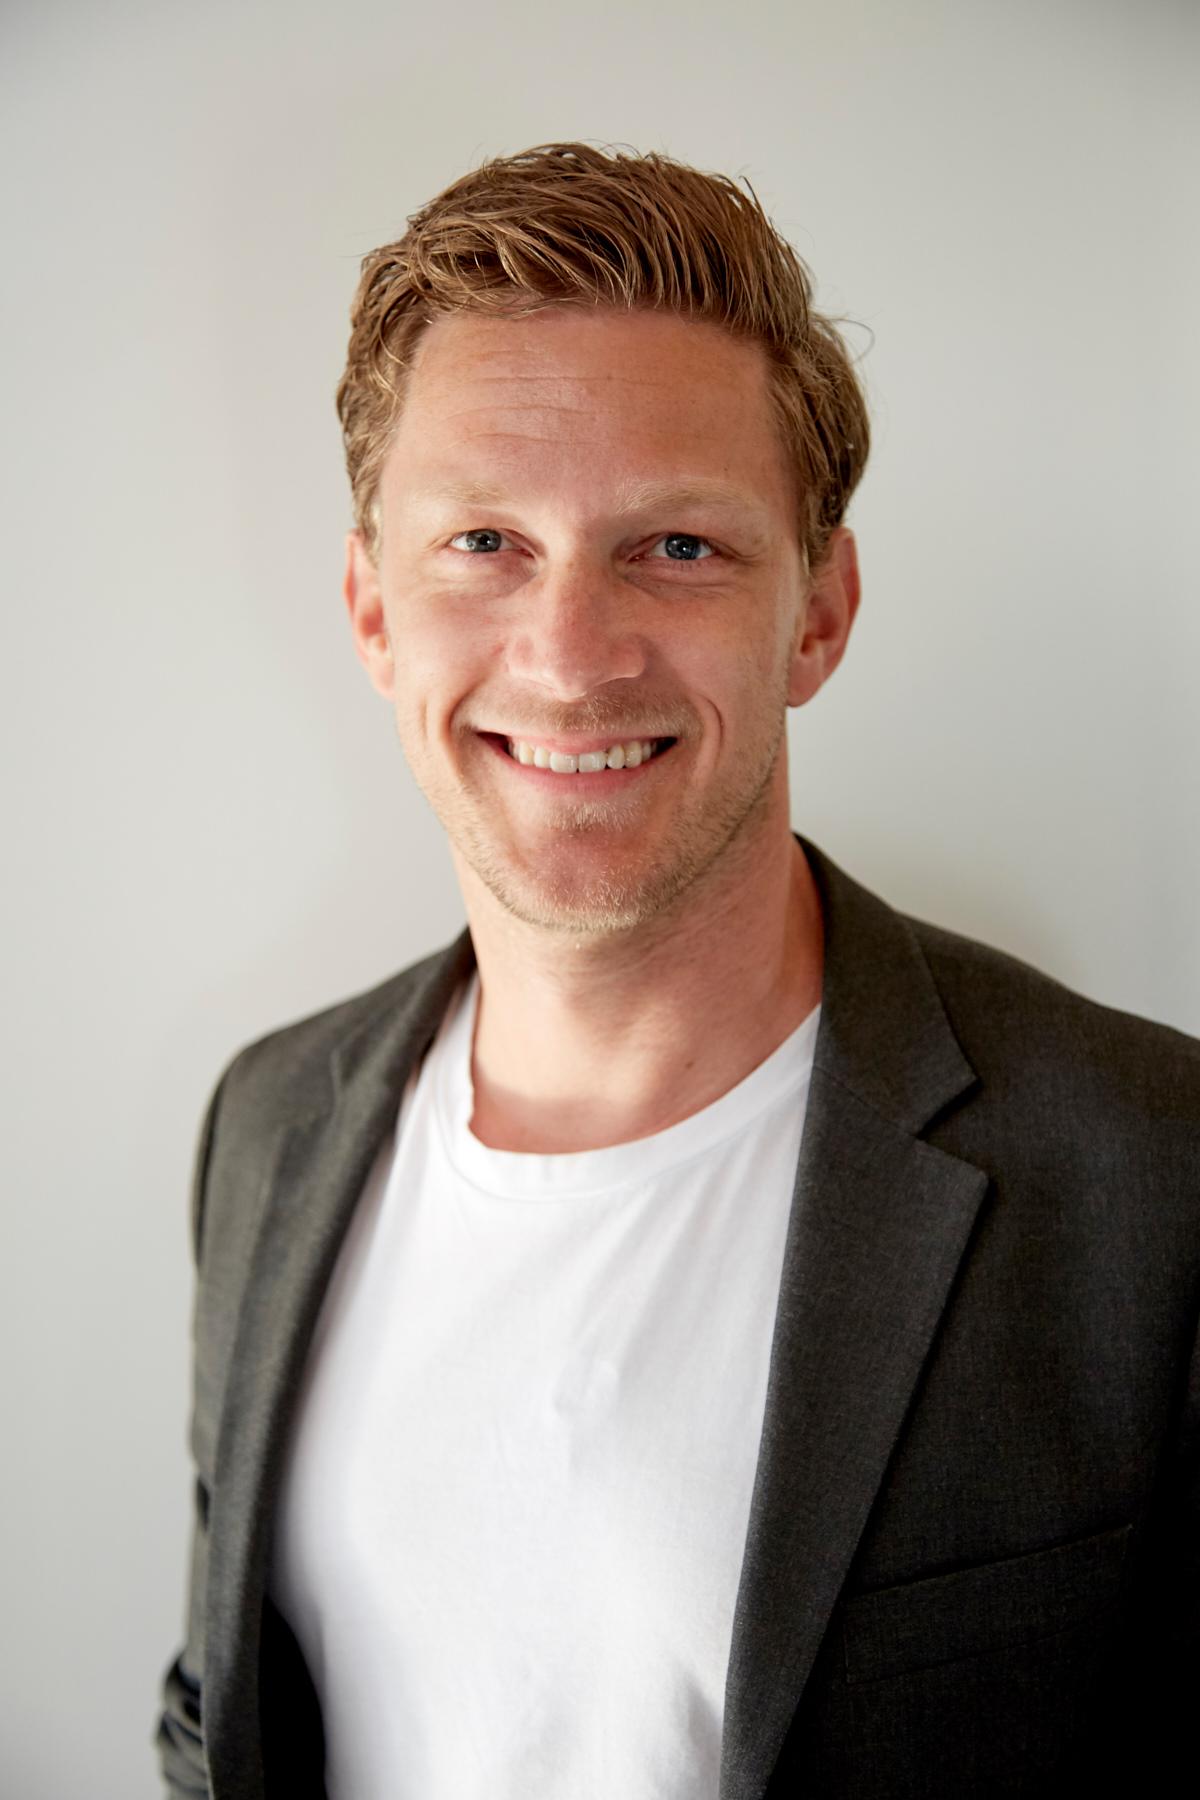 Michael Olesen